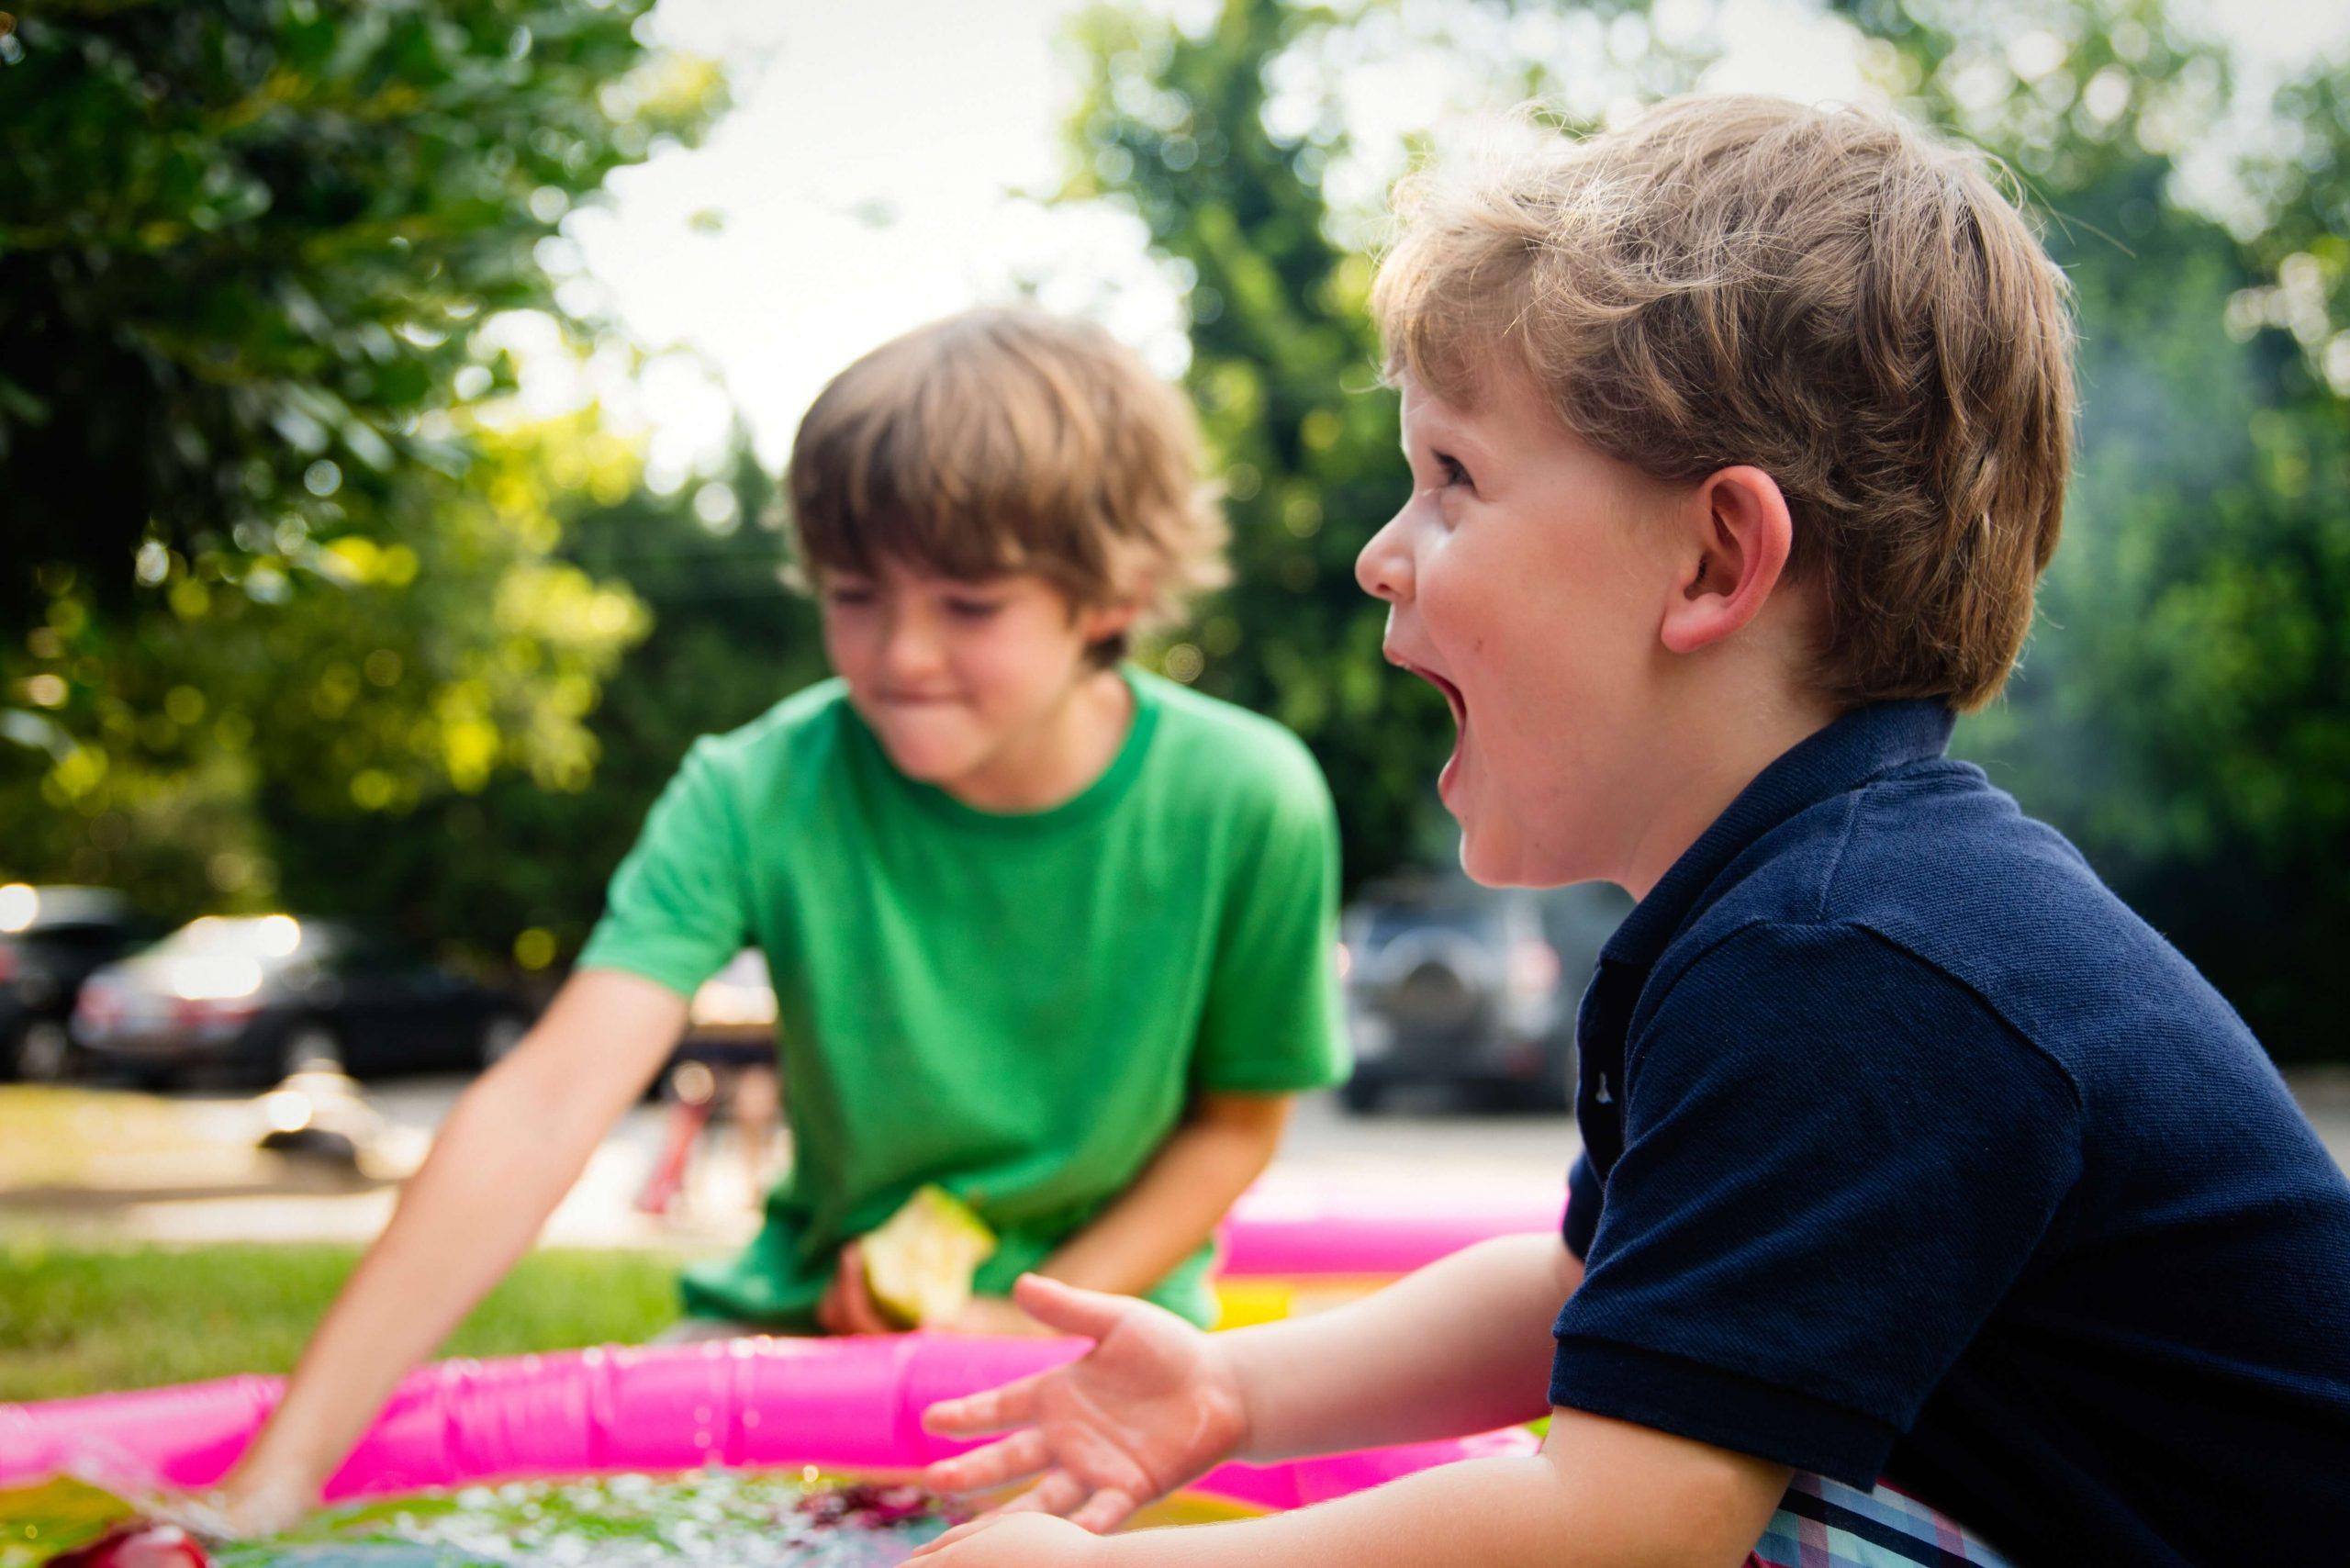 2 enfants heureux dans un parc